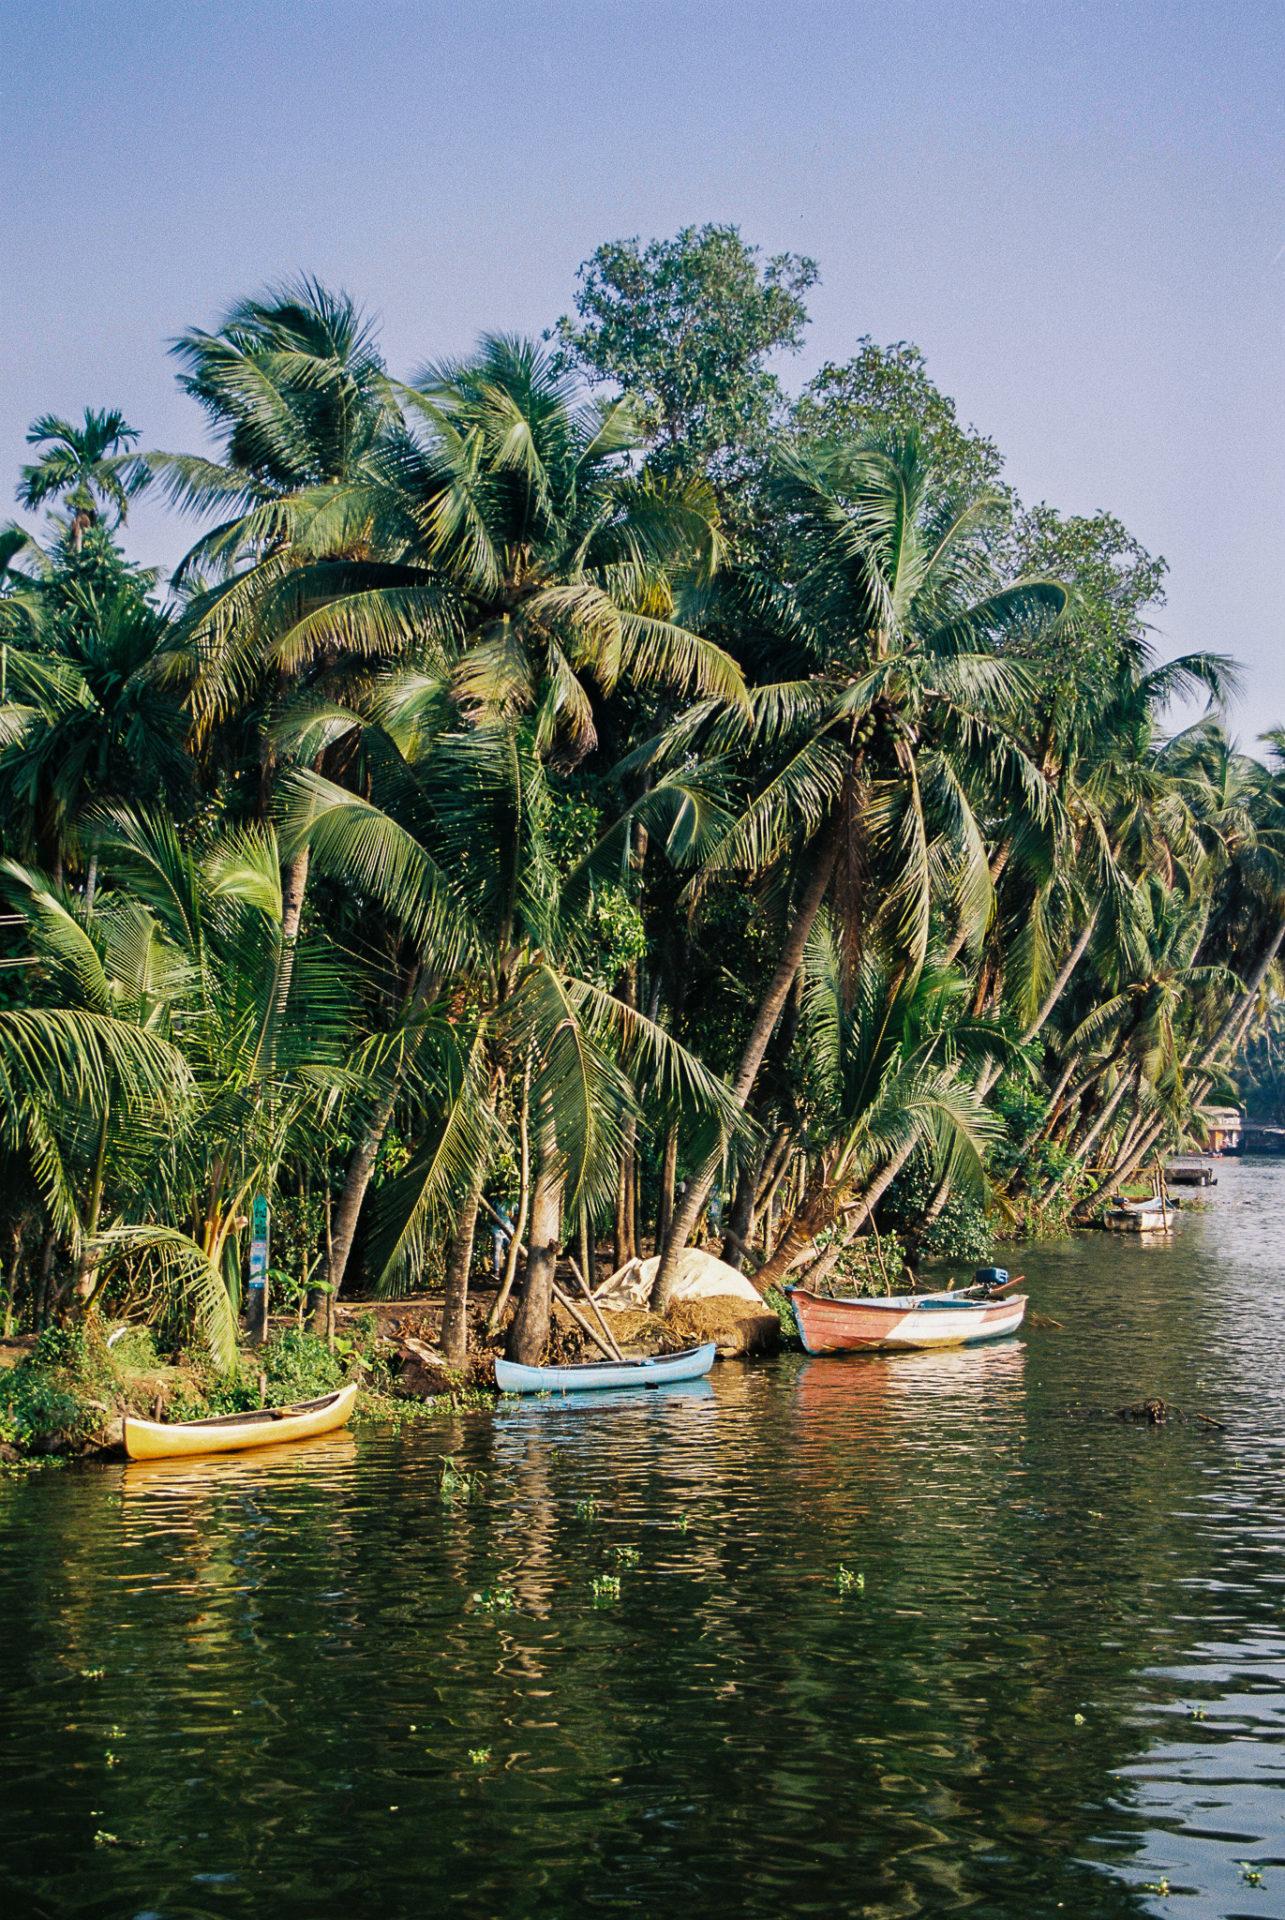 barques colorés accostés le long d'une rive recouverte de palmiers